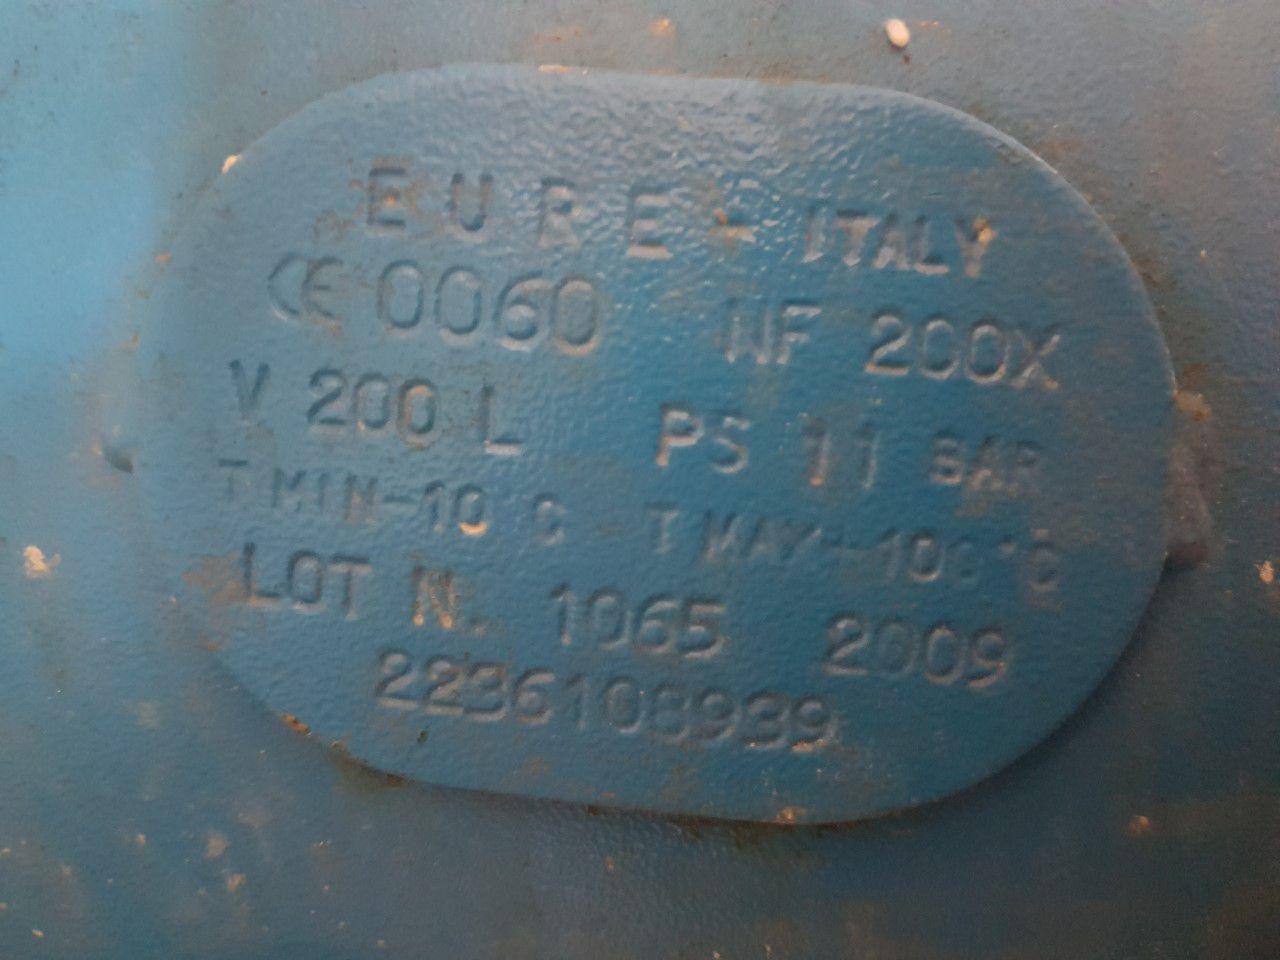 COMPRESSOR ATLAS COPCO, Year : 2009, ref.71356   www.coci-sa.com/en   71356n_1.jpg